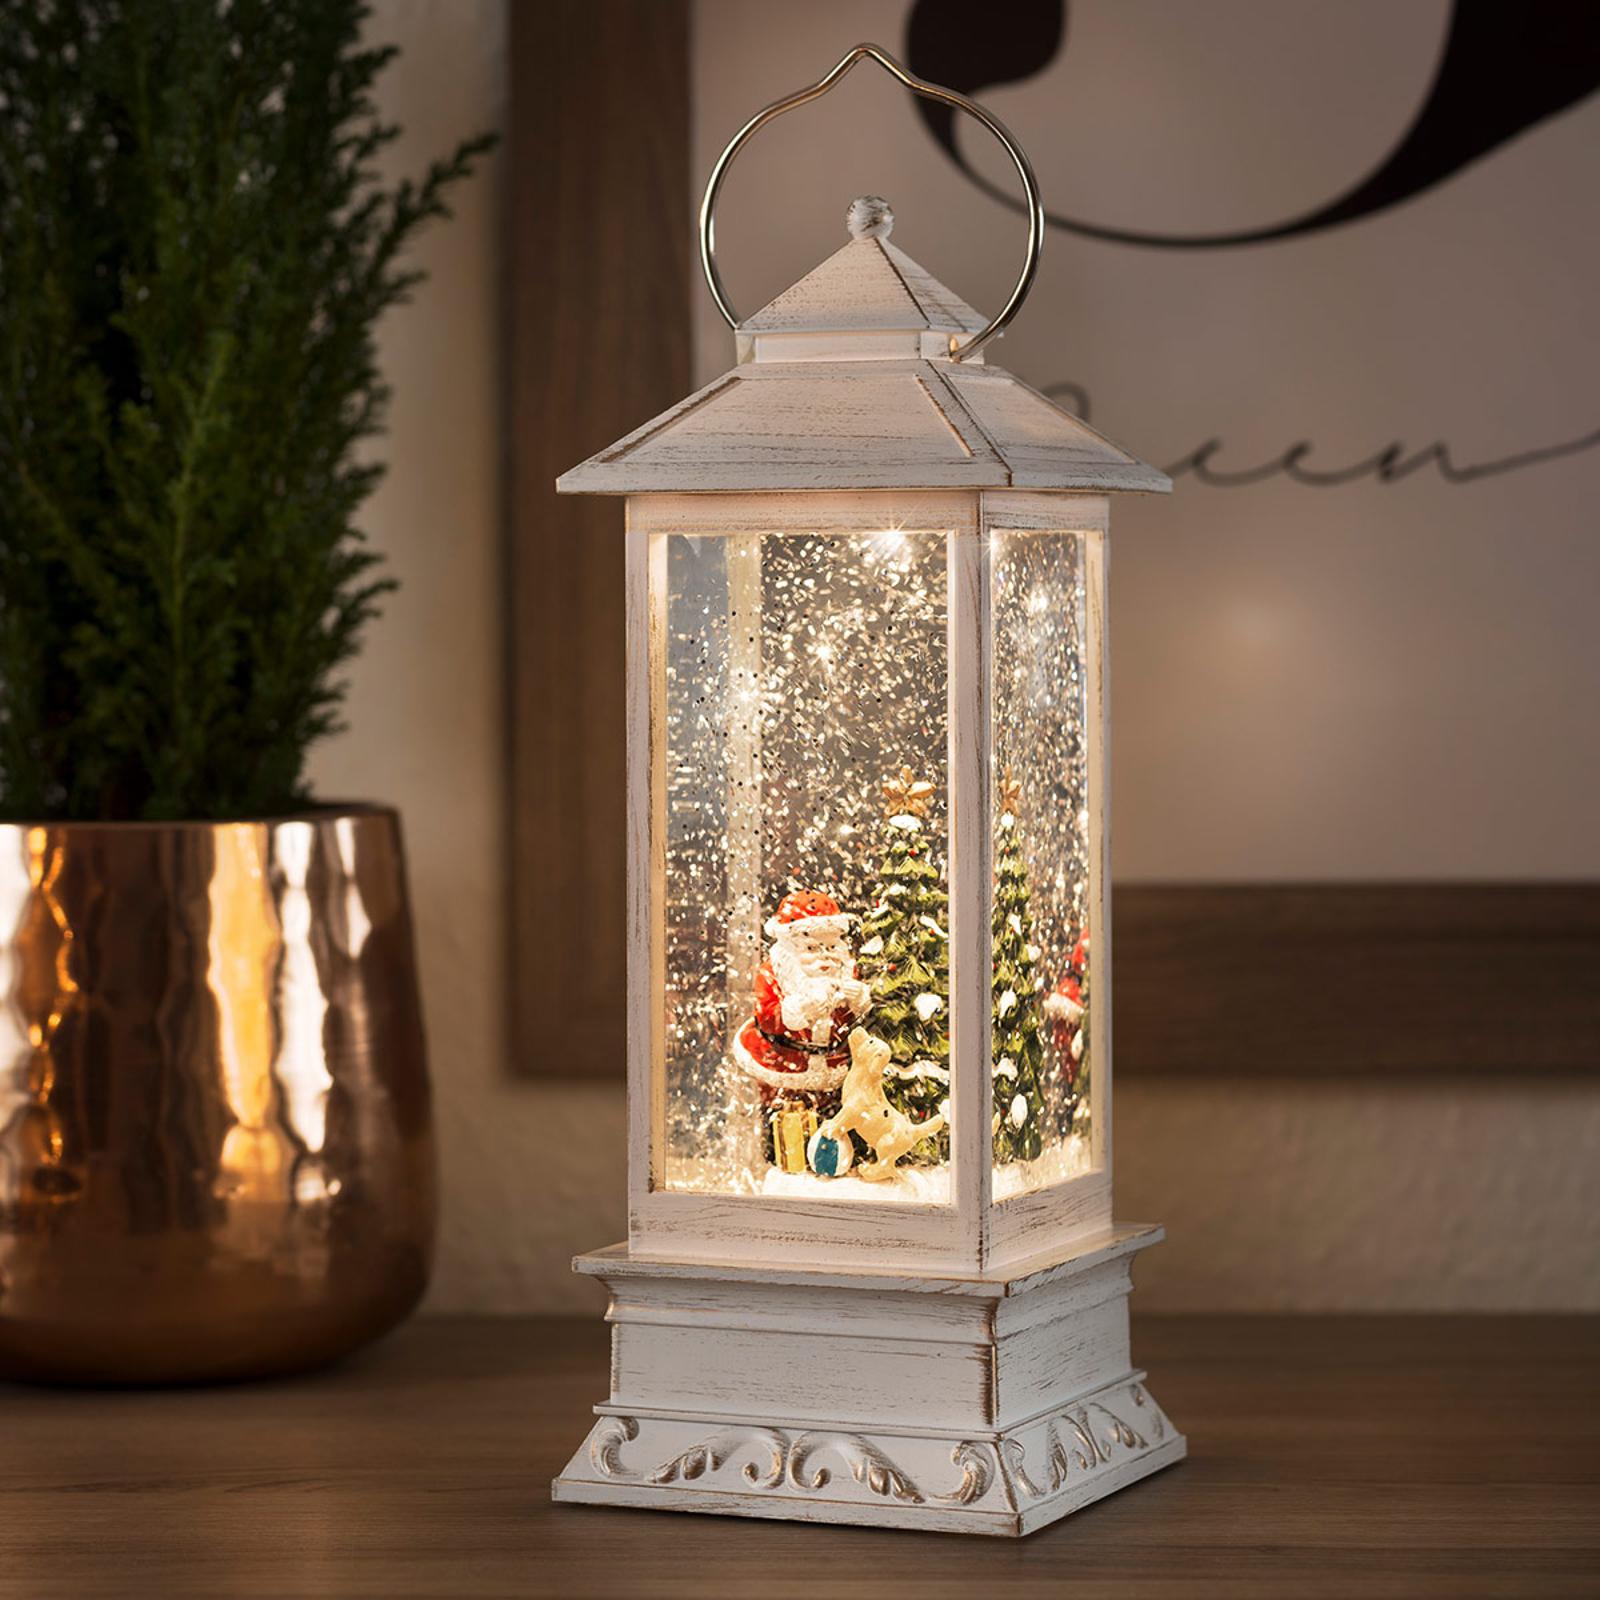 LED-Wasserlaterne Weihnachtsmann mit Hund